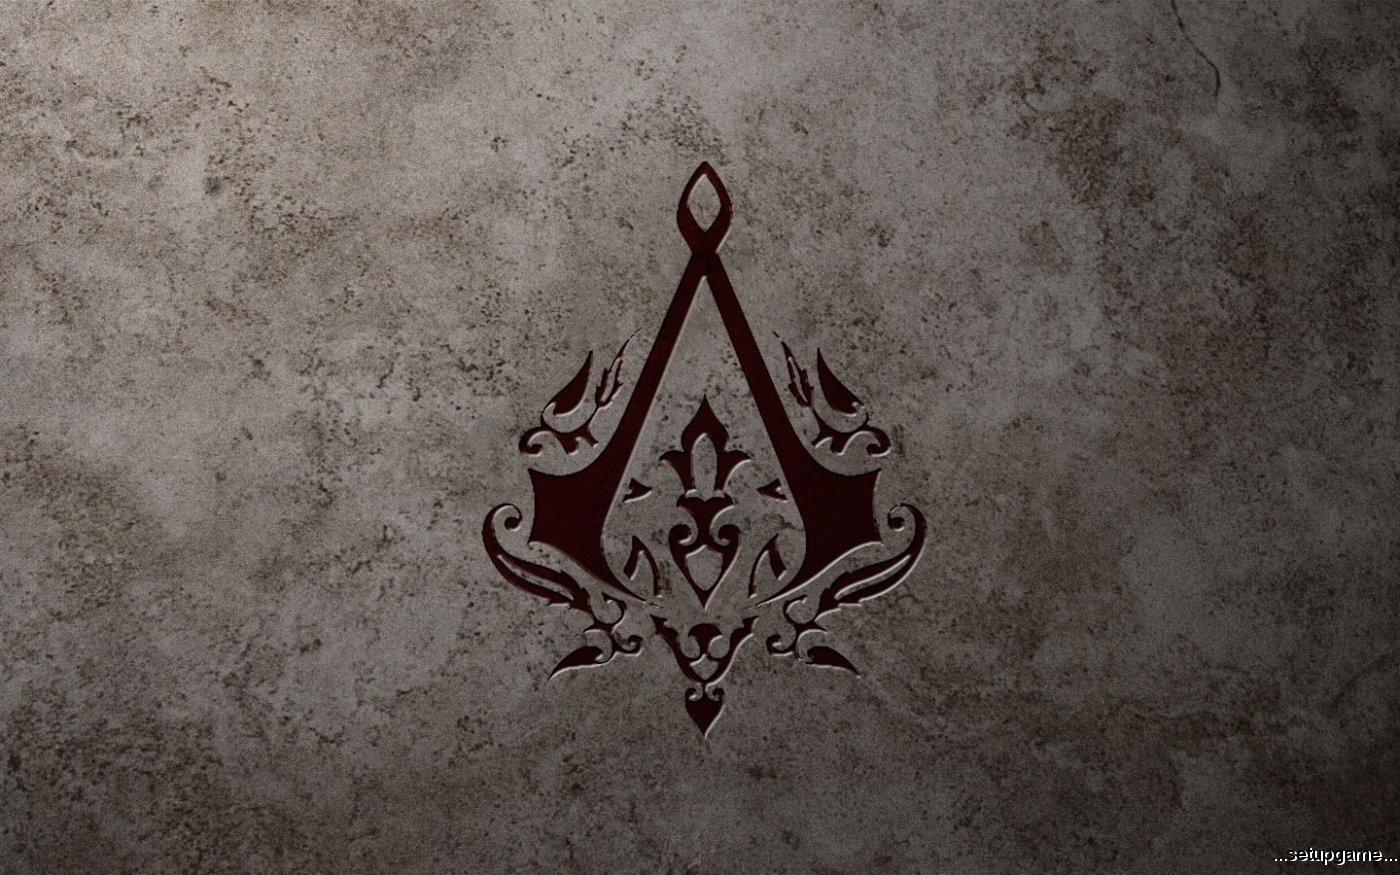 داستان نسخه بعدی بازی Assassin's Creed در یونان خواهد بود